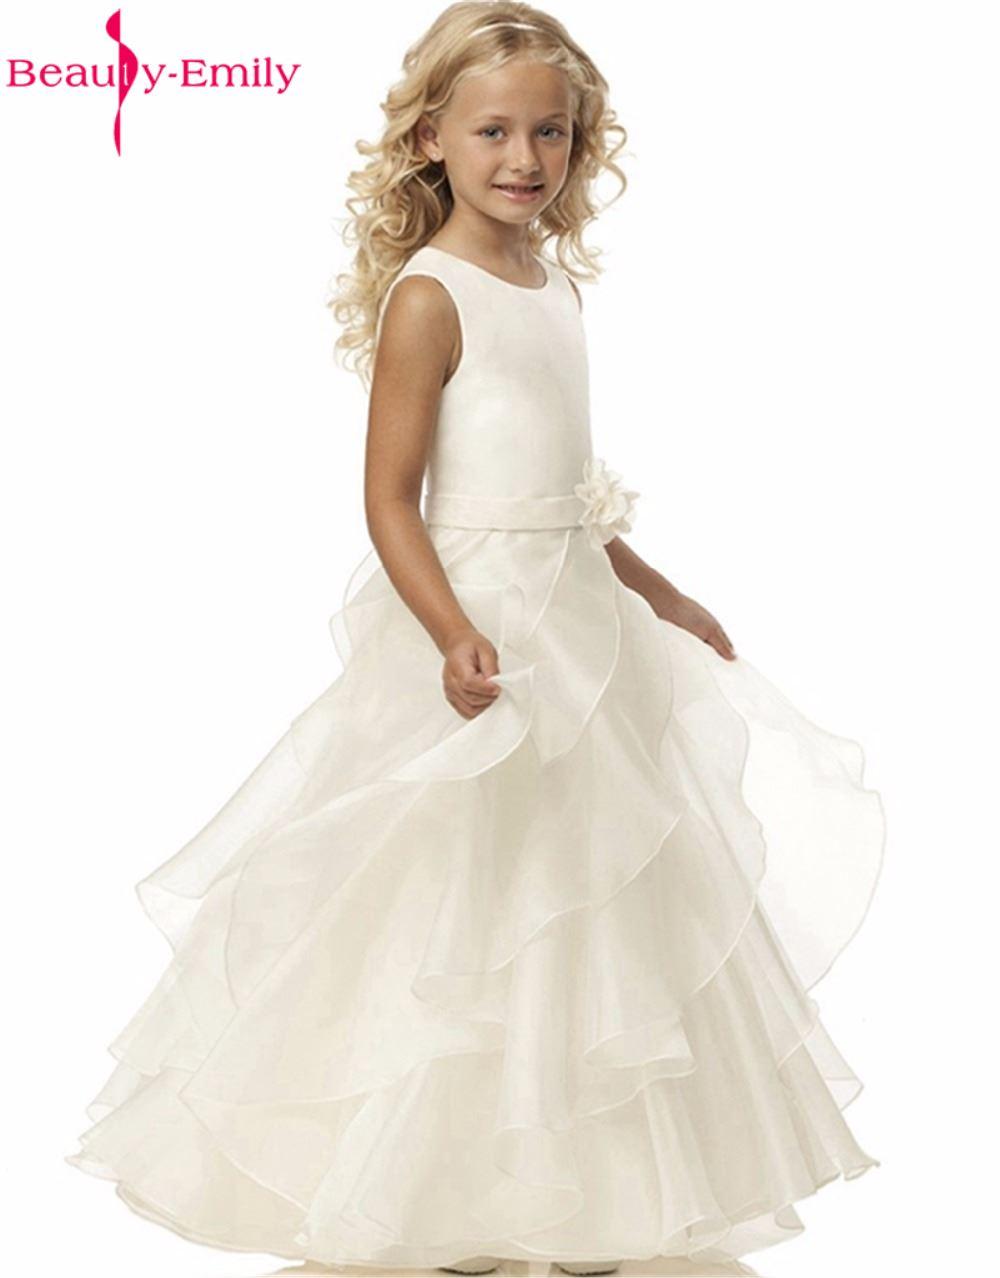 2017 الجمال-إميلي زهرة فتاة فساتين أبيض - فساتين لحفل الزفاف